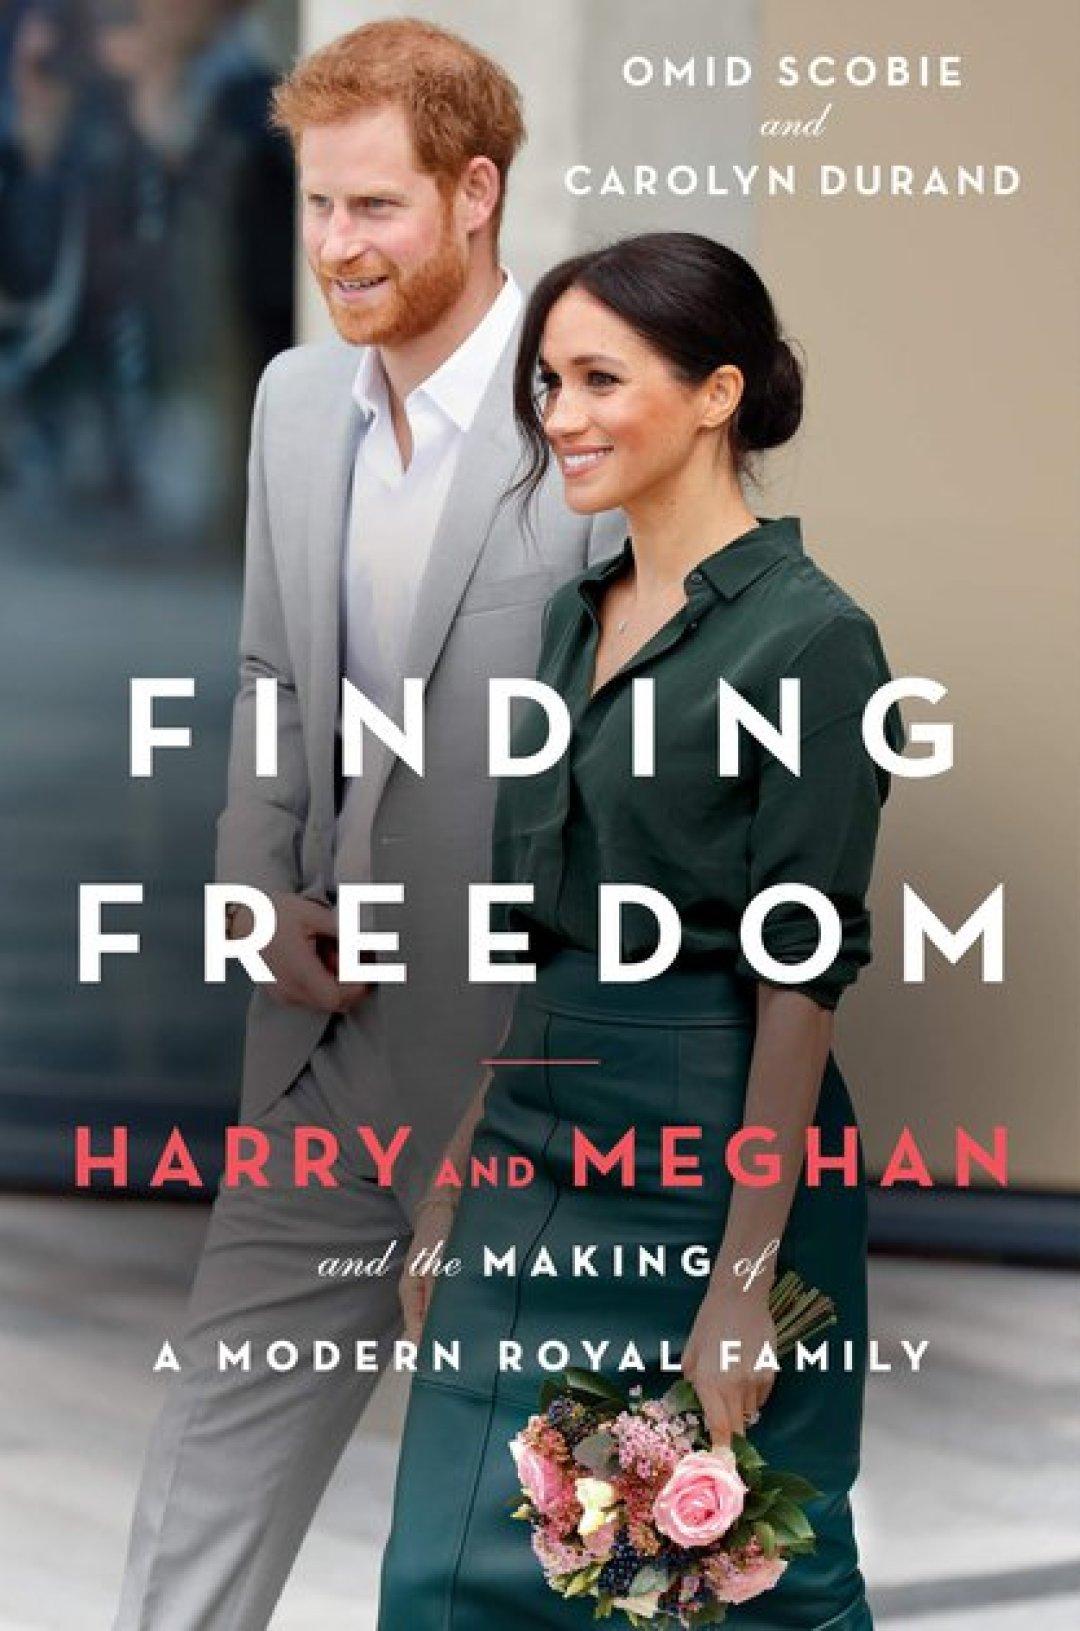 El libro saldrá a la venta el 11 de agosto